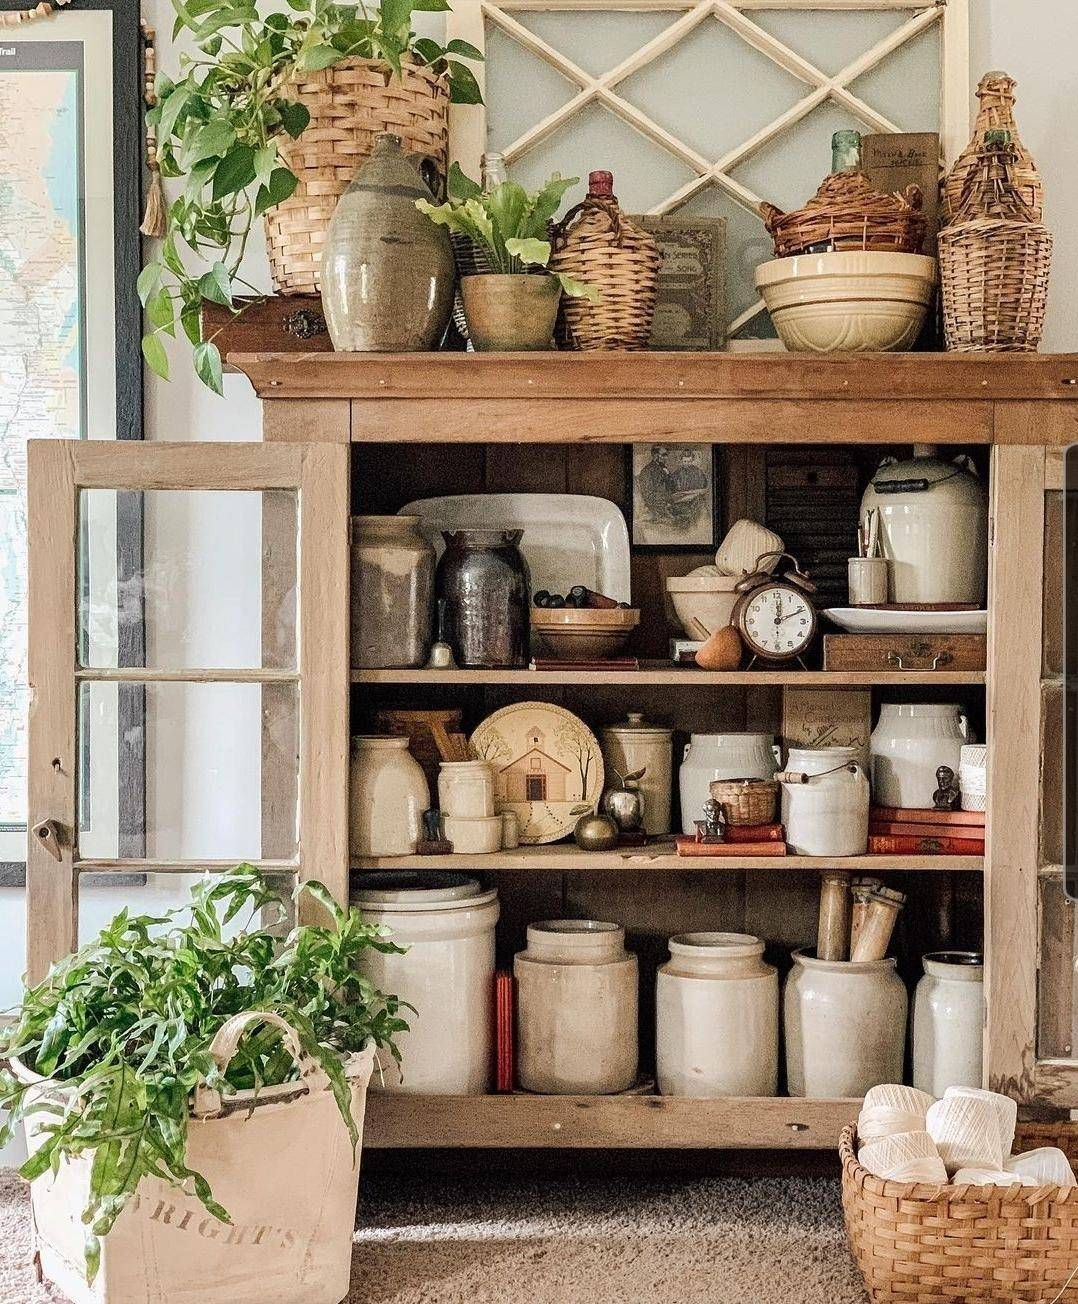 Trang trí nhà lấy cảm hứng từ Cottagecore giúp bạn tạo không gian cổ tích cho riêng mình - Ảnh 8.